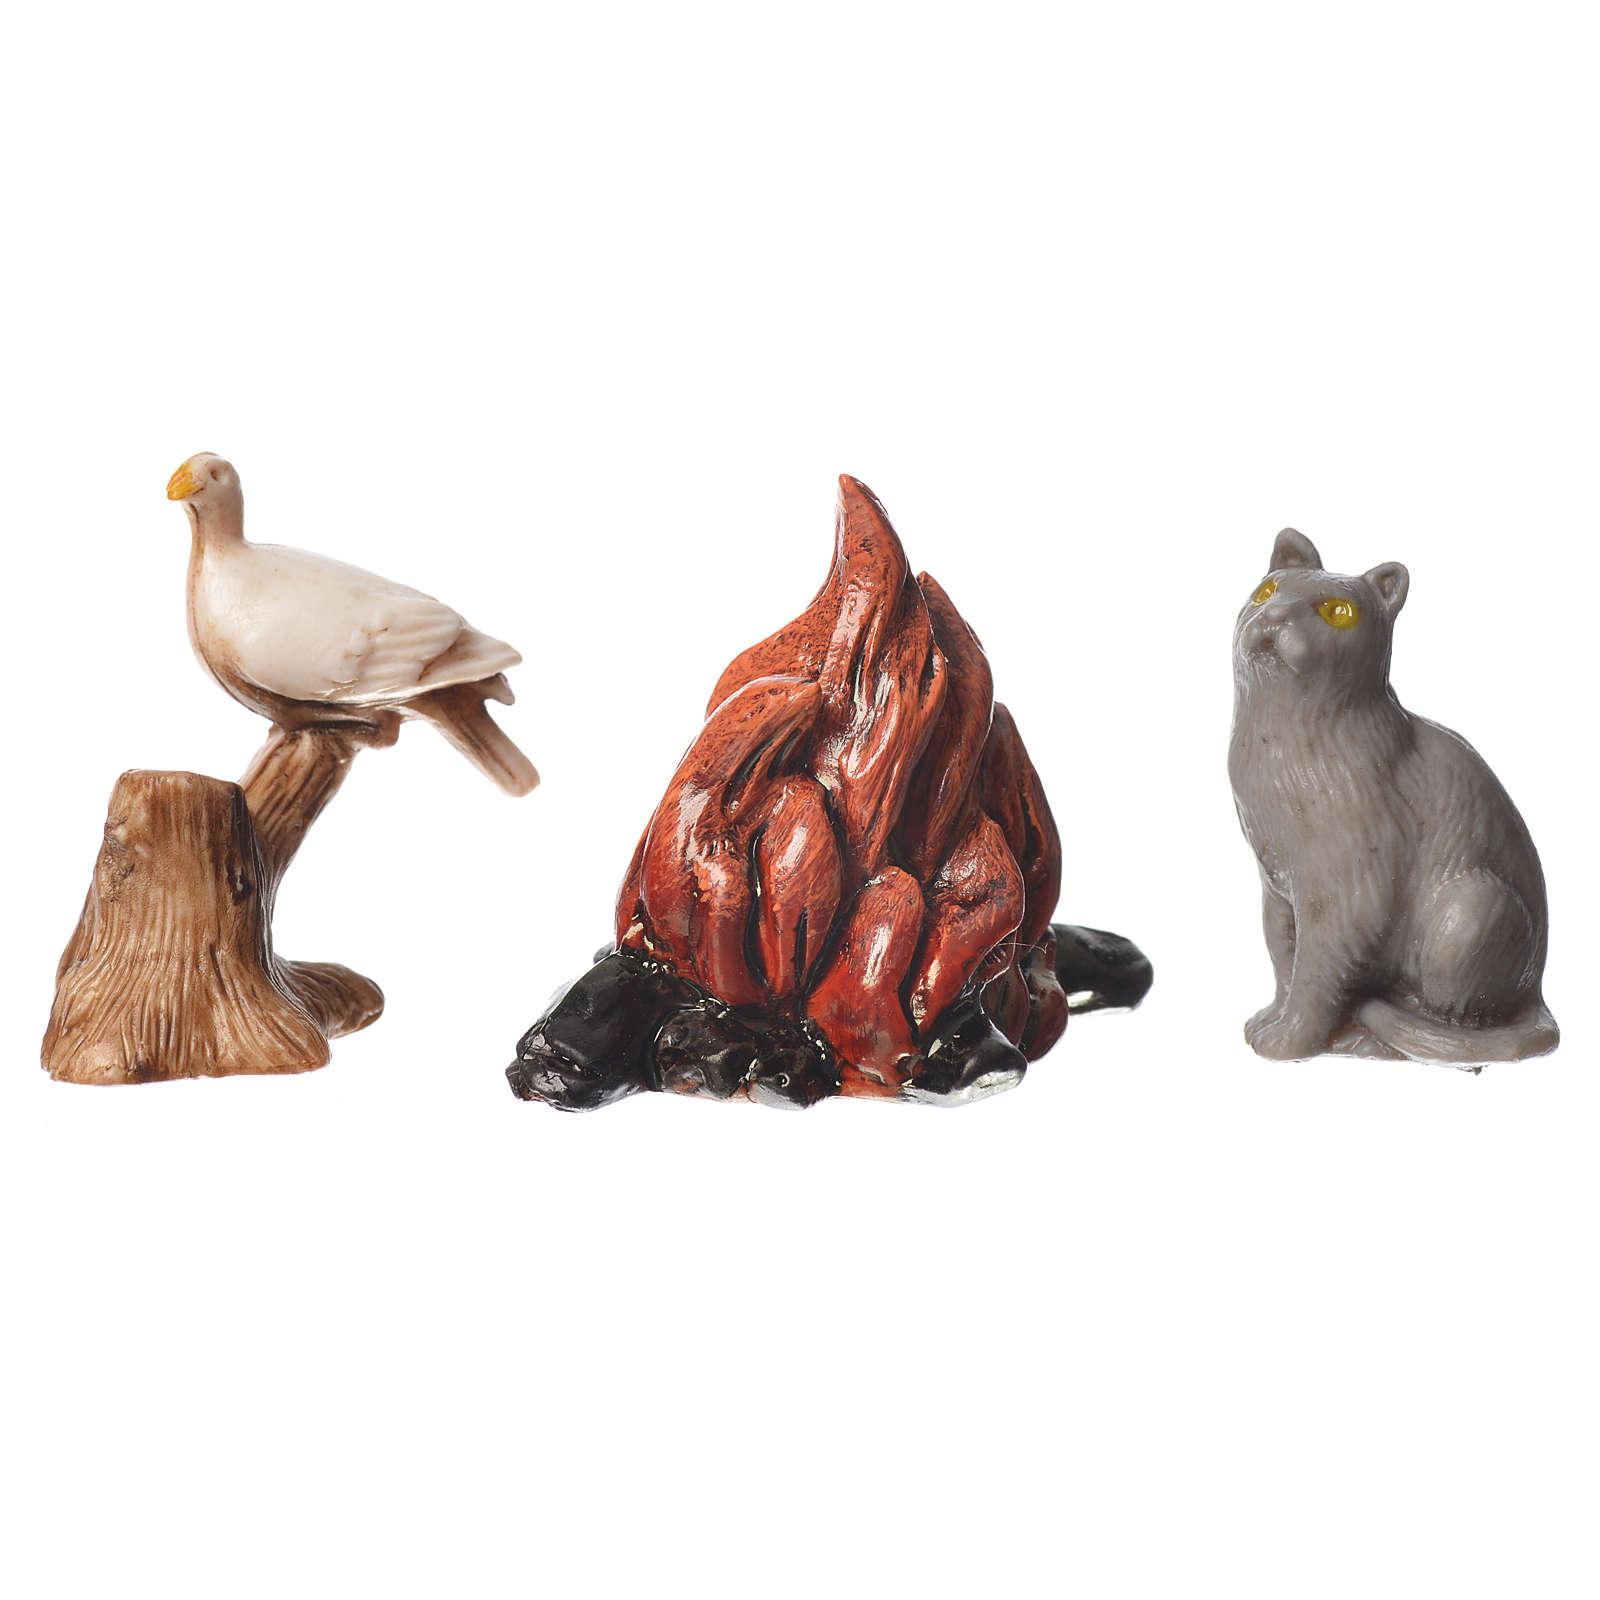 Animali e fuoco 5 pz Moranduzzo cm 10 4